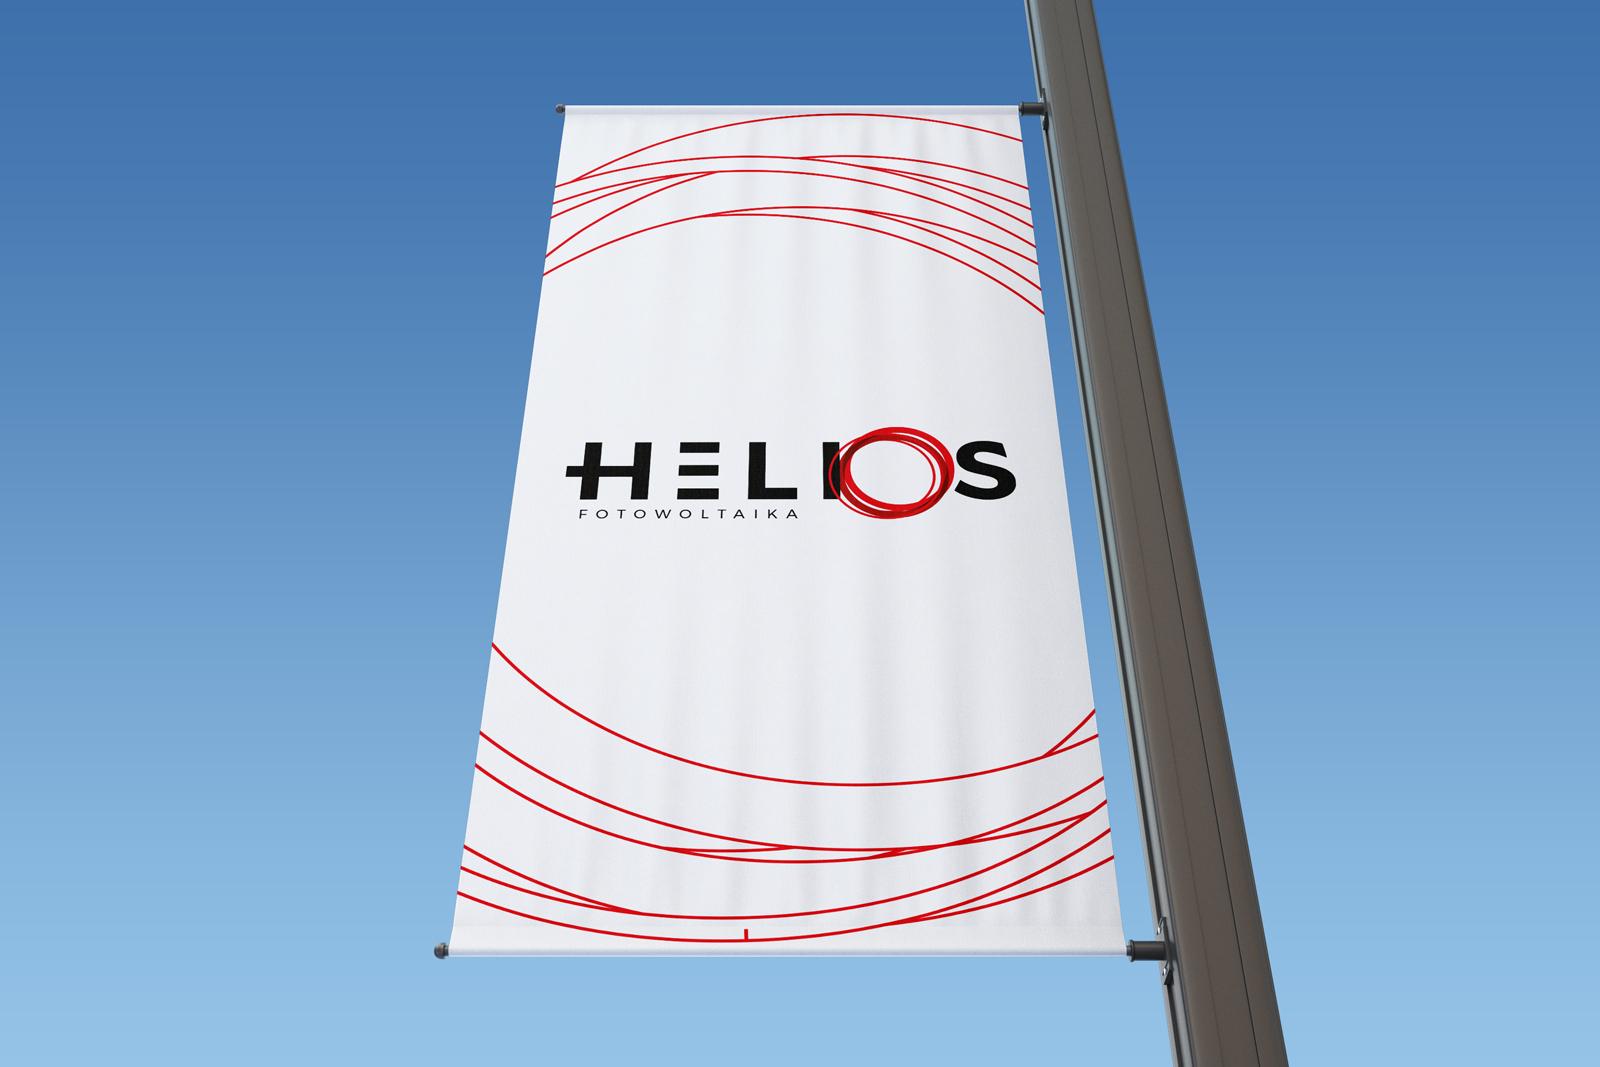 Helios Fotowoltaika z Gliwic (Śląsk) - opracowanie identyfikacji wizualnej, branding firmy fotowoltaicznej